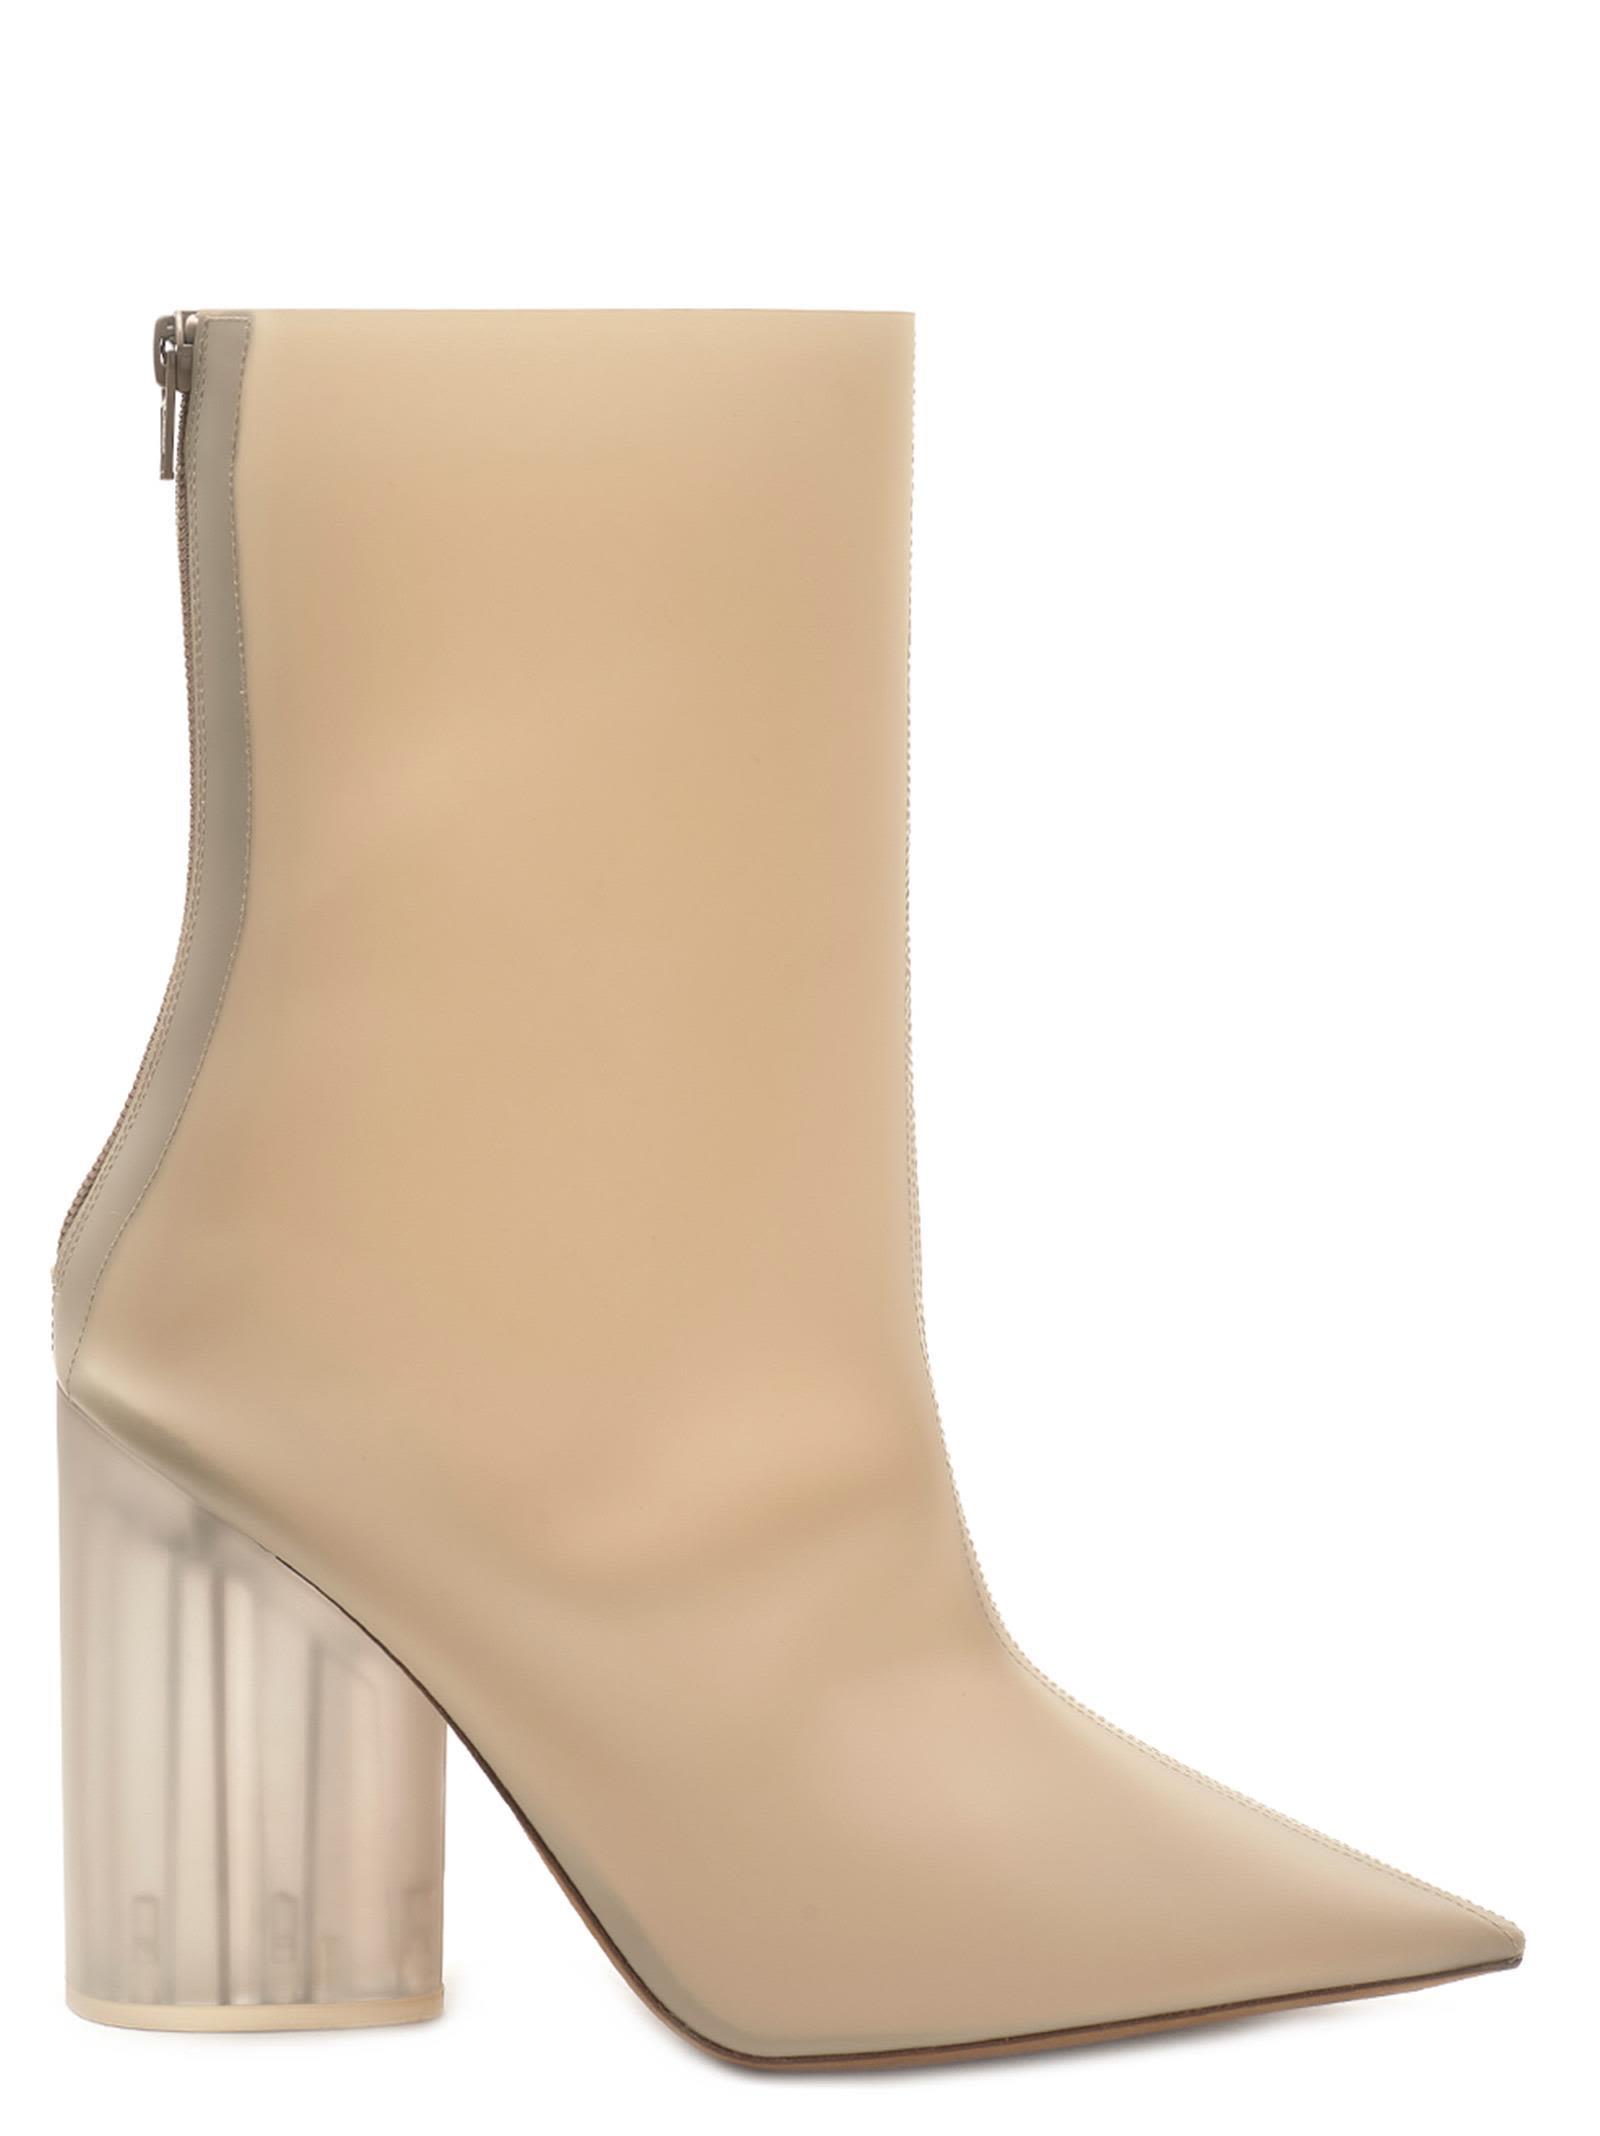 32d218f03d295 Yeezy Yeezy Shoes - Beige - 10751753